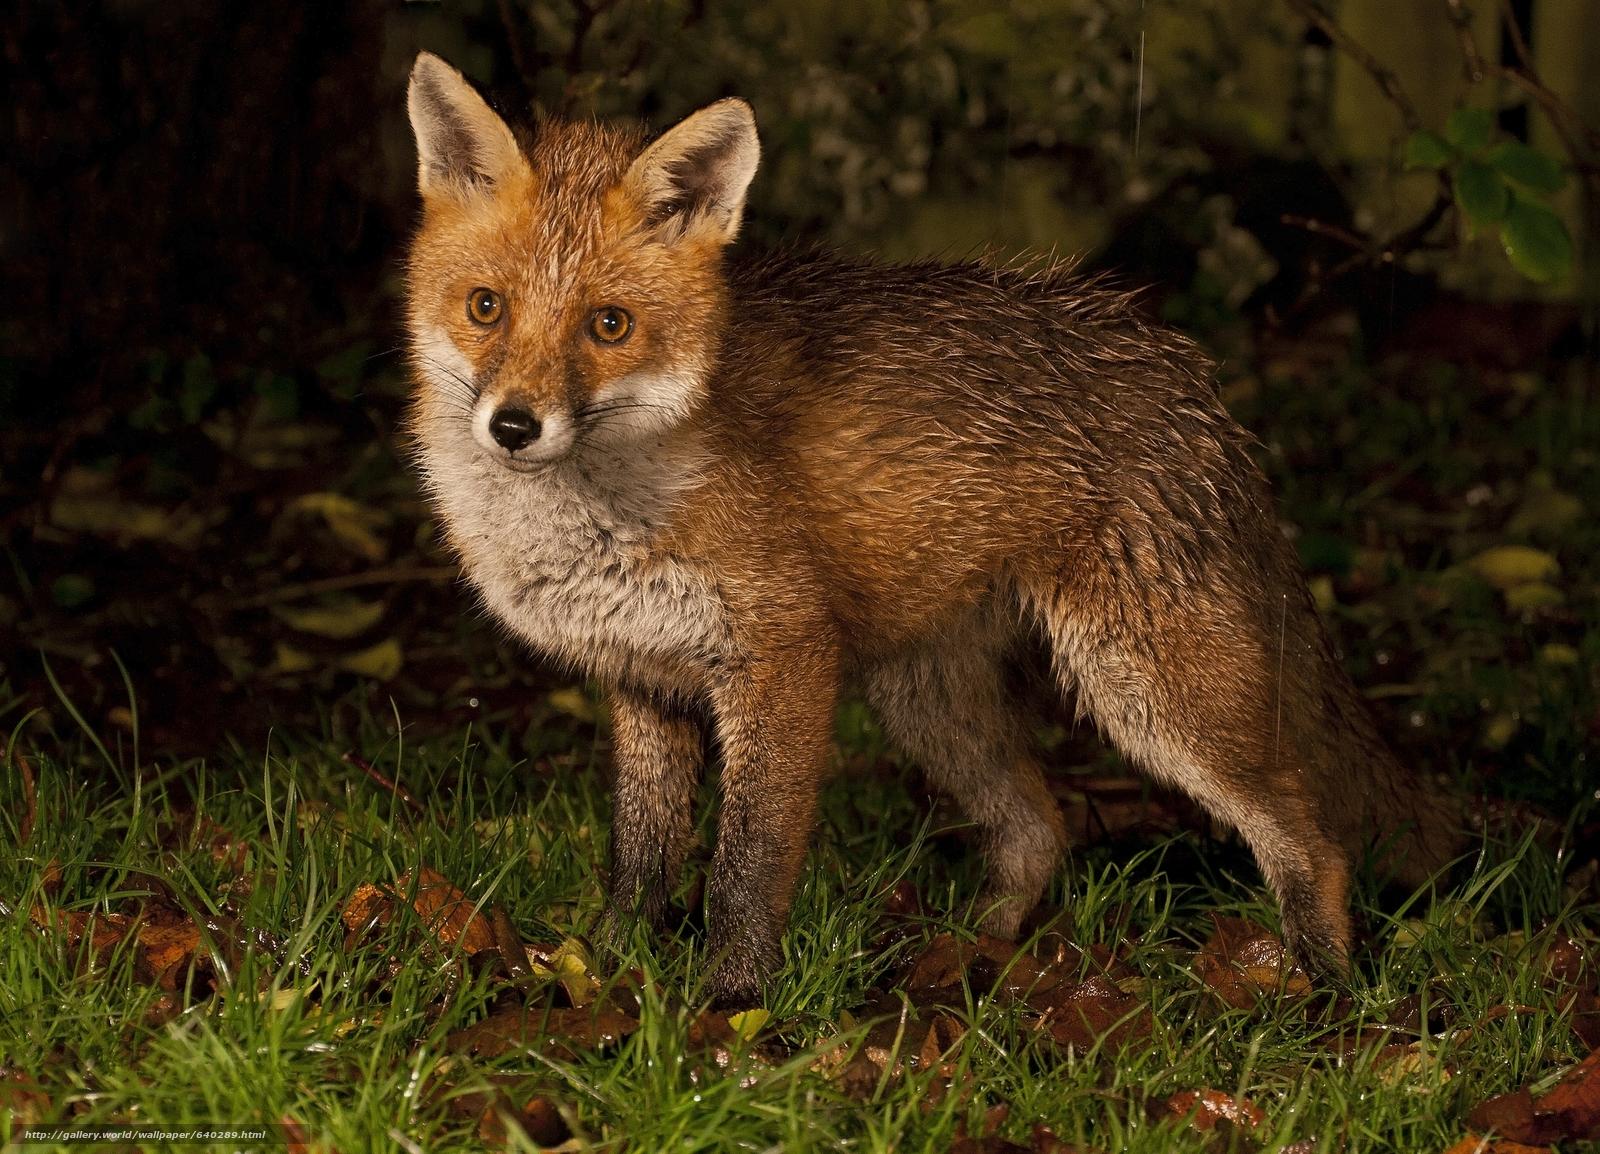 Tlcharger fond d 39 ecran fox fox animaux fonds d 39 ecran for Image fond ecran animaux